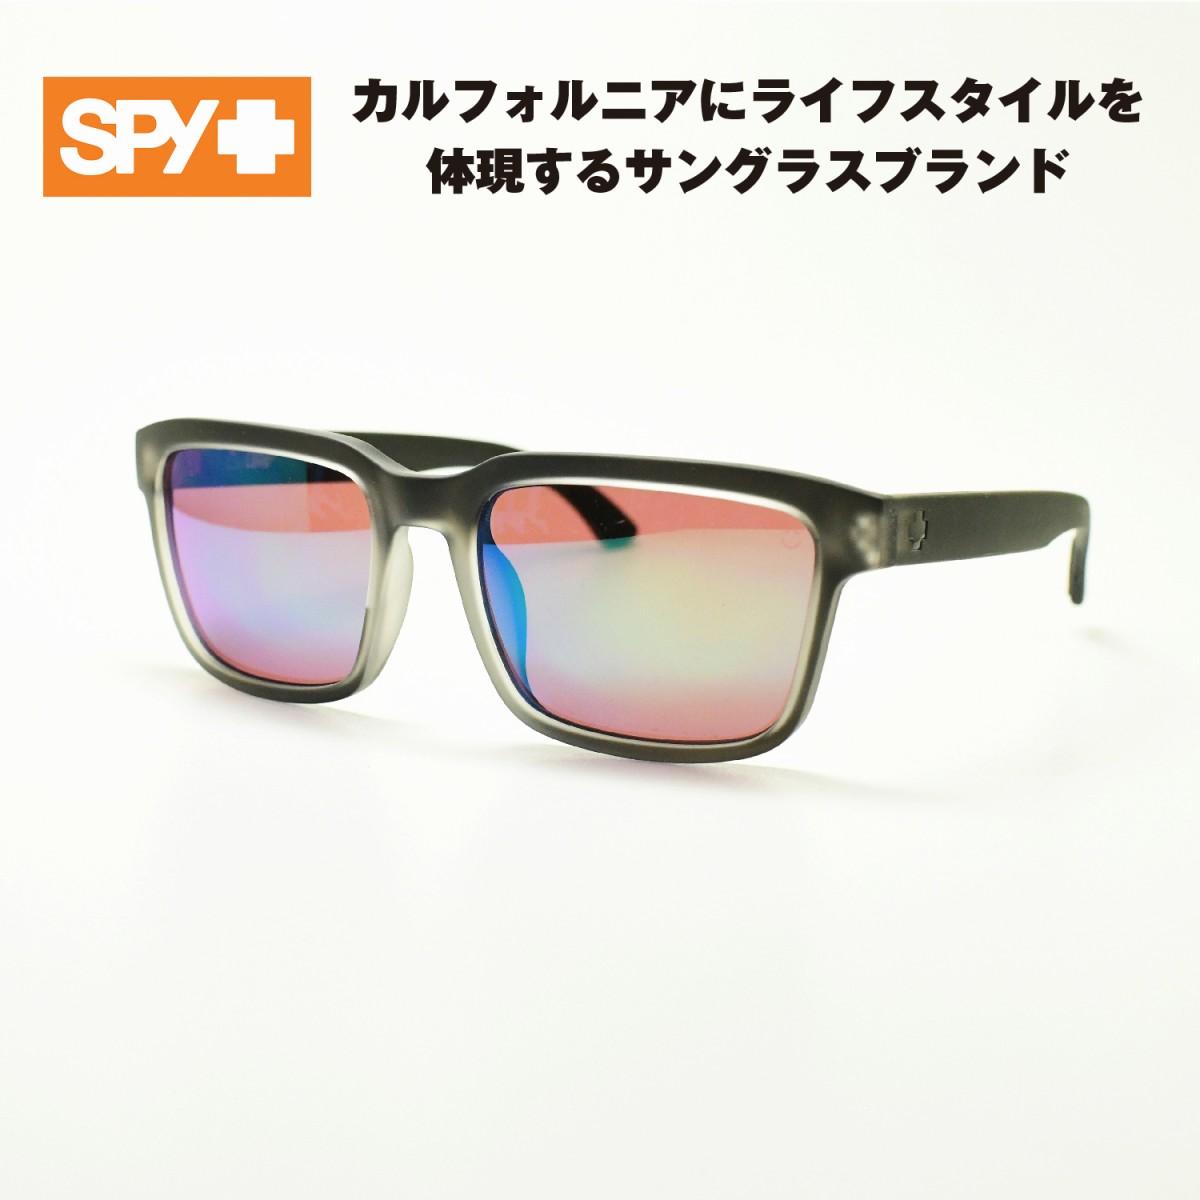 SPY スパイHELM2 ヘルム2(マットブラックアイス/ブロンズ エメラルド)